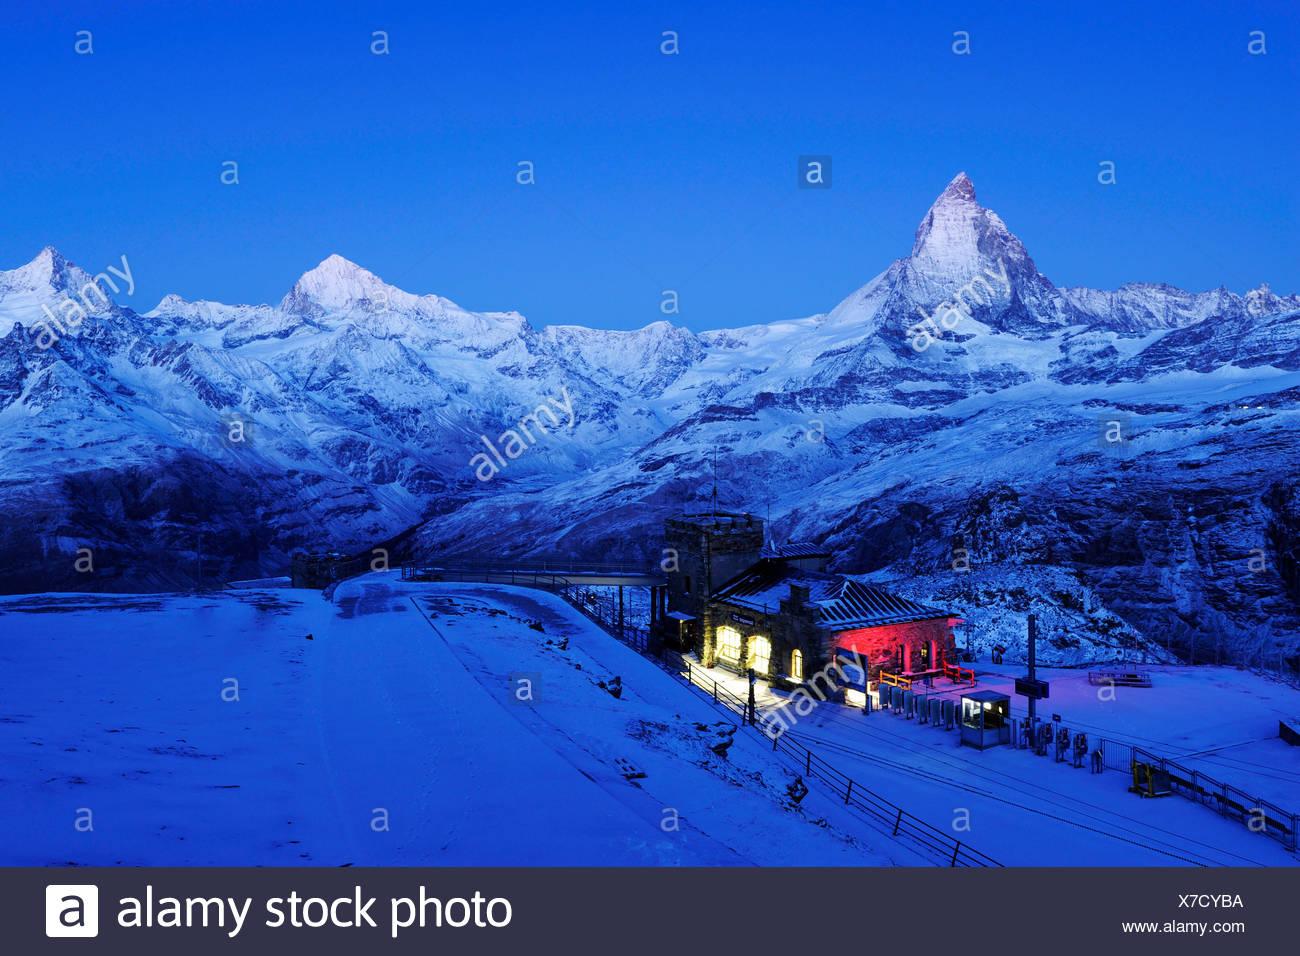 Gornergrad stazione di montagna con il Cervino, Zermatt, Vallese, Svizzera, Europa Immagini Stock